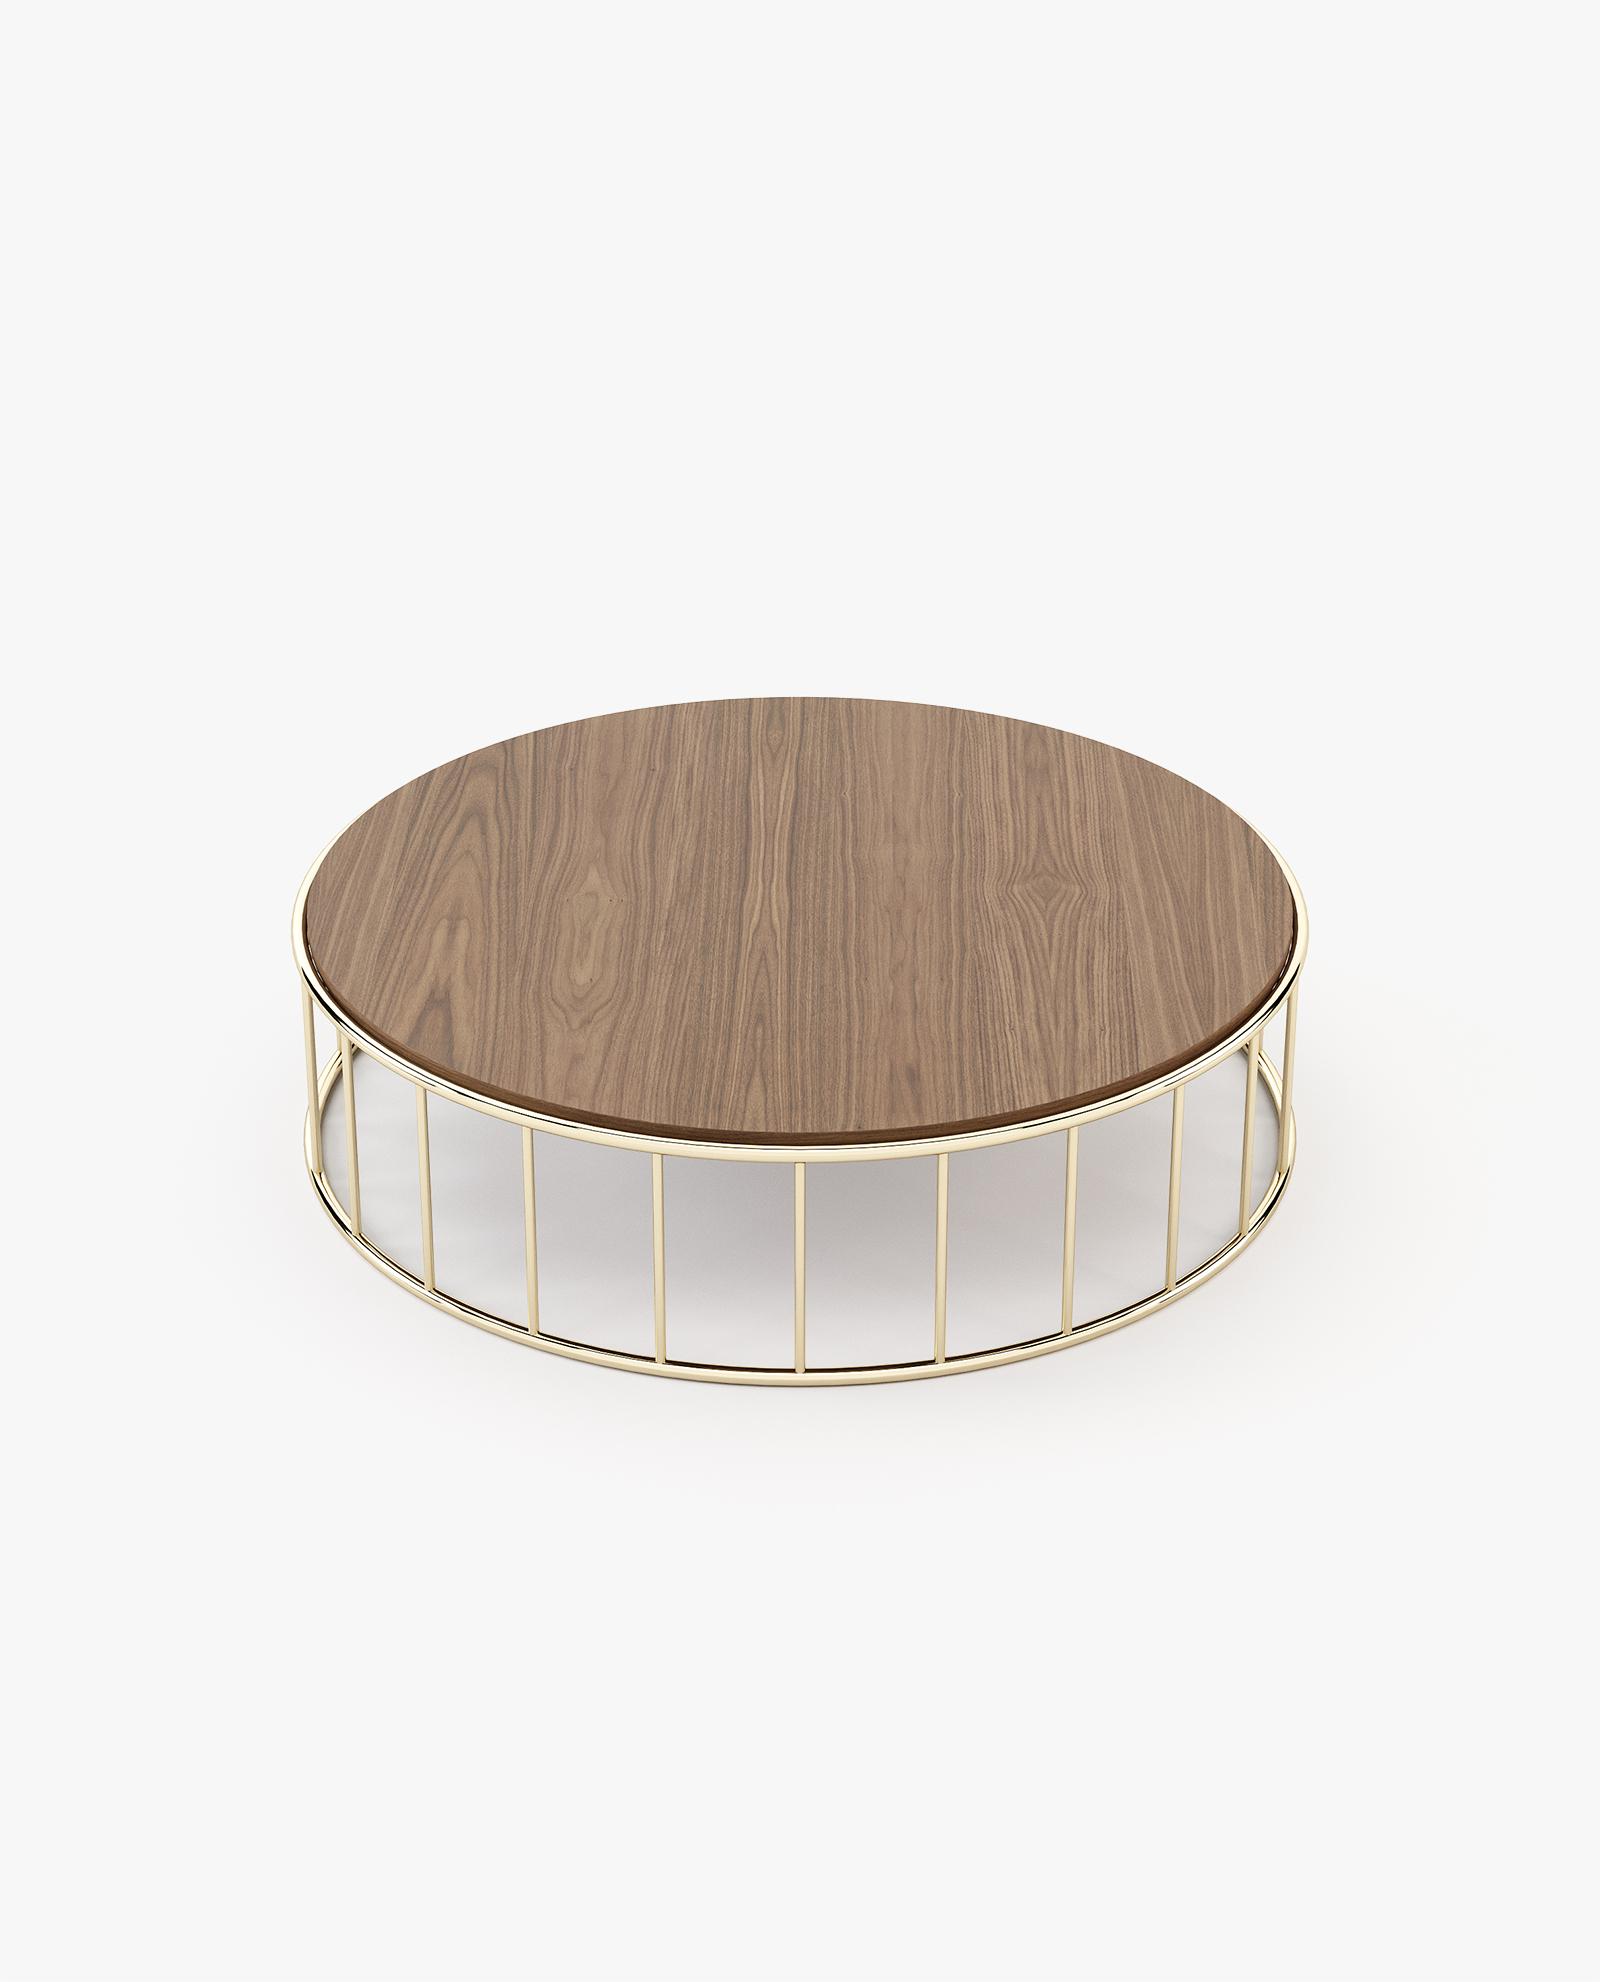 mesa de centro com inox dourado